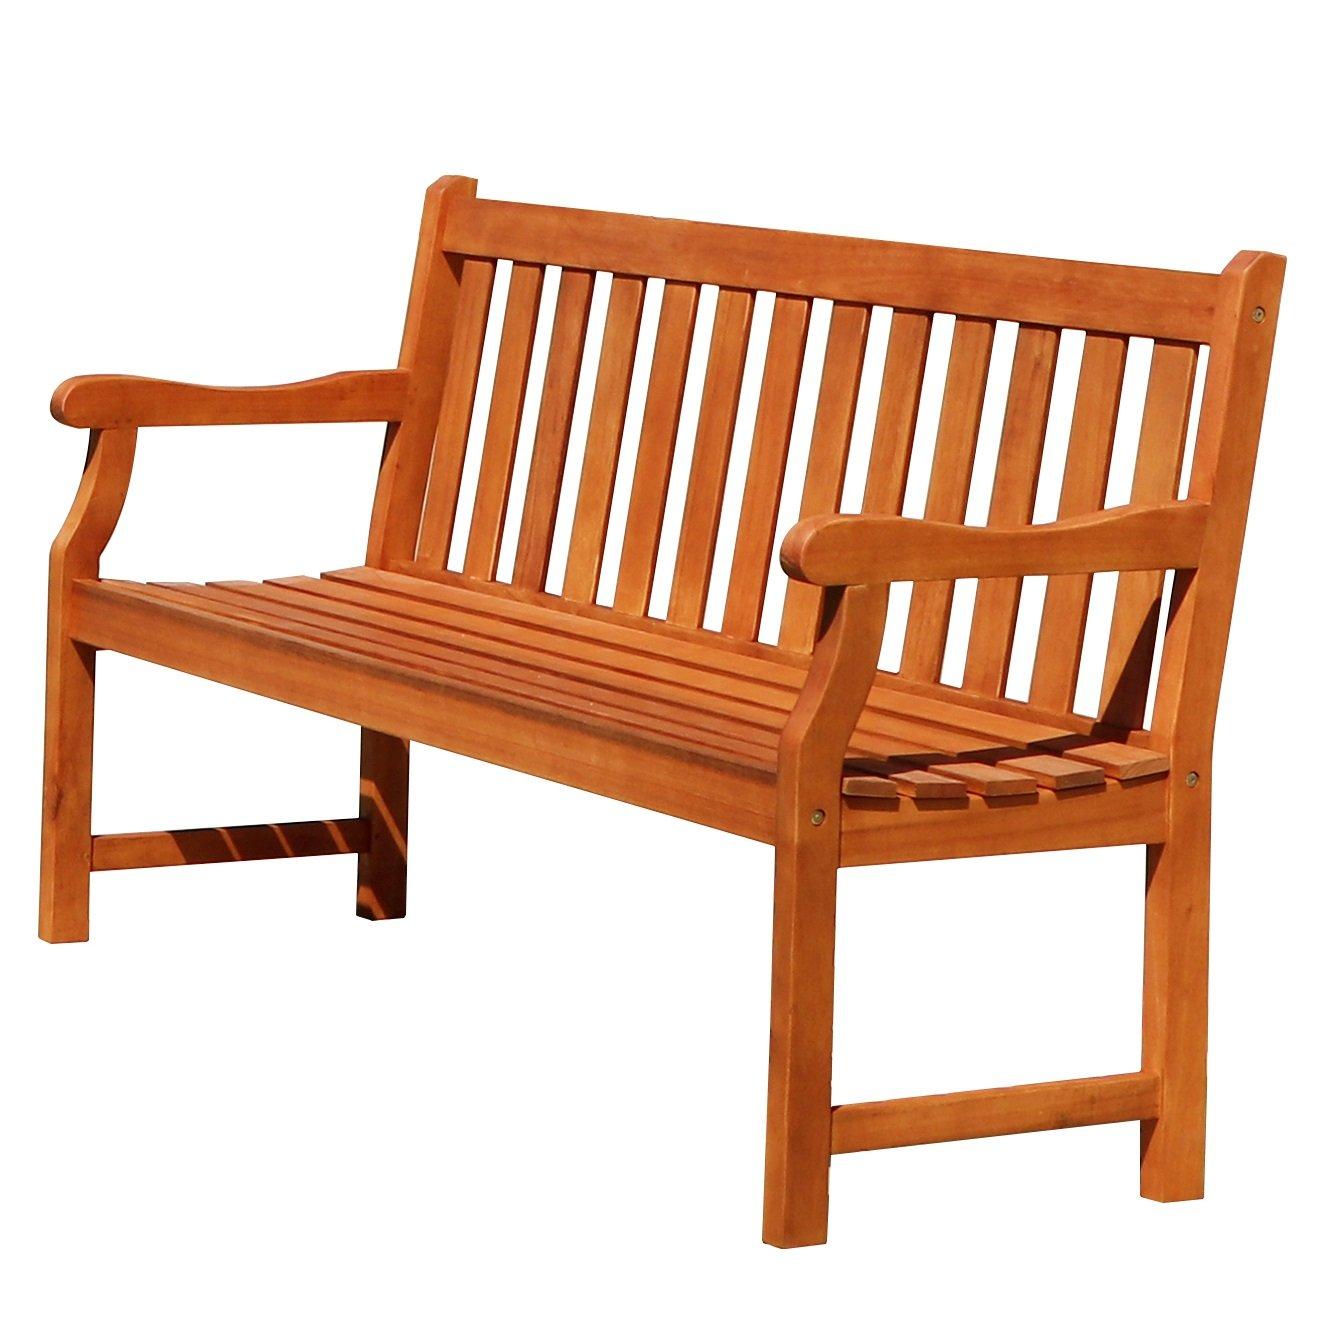 Vifah V023-1 Baltic 5' Outdoor Wood Garden Bench